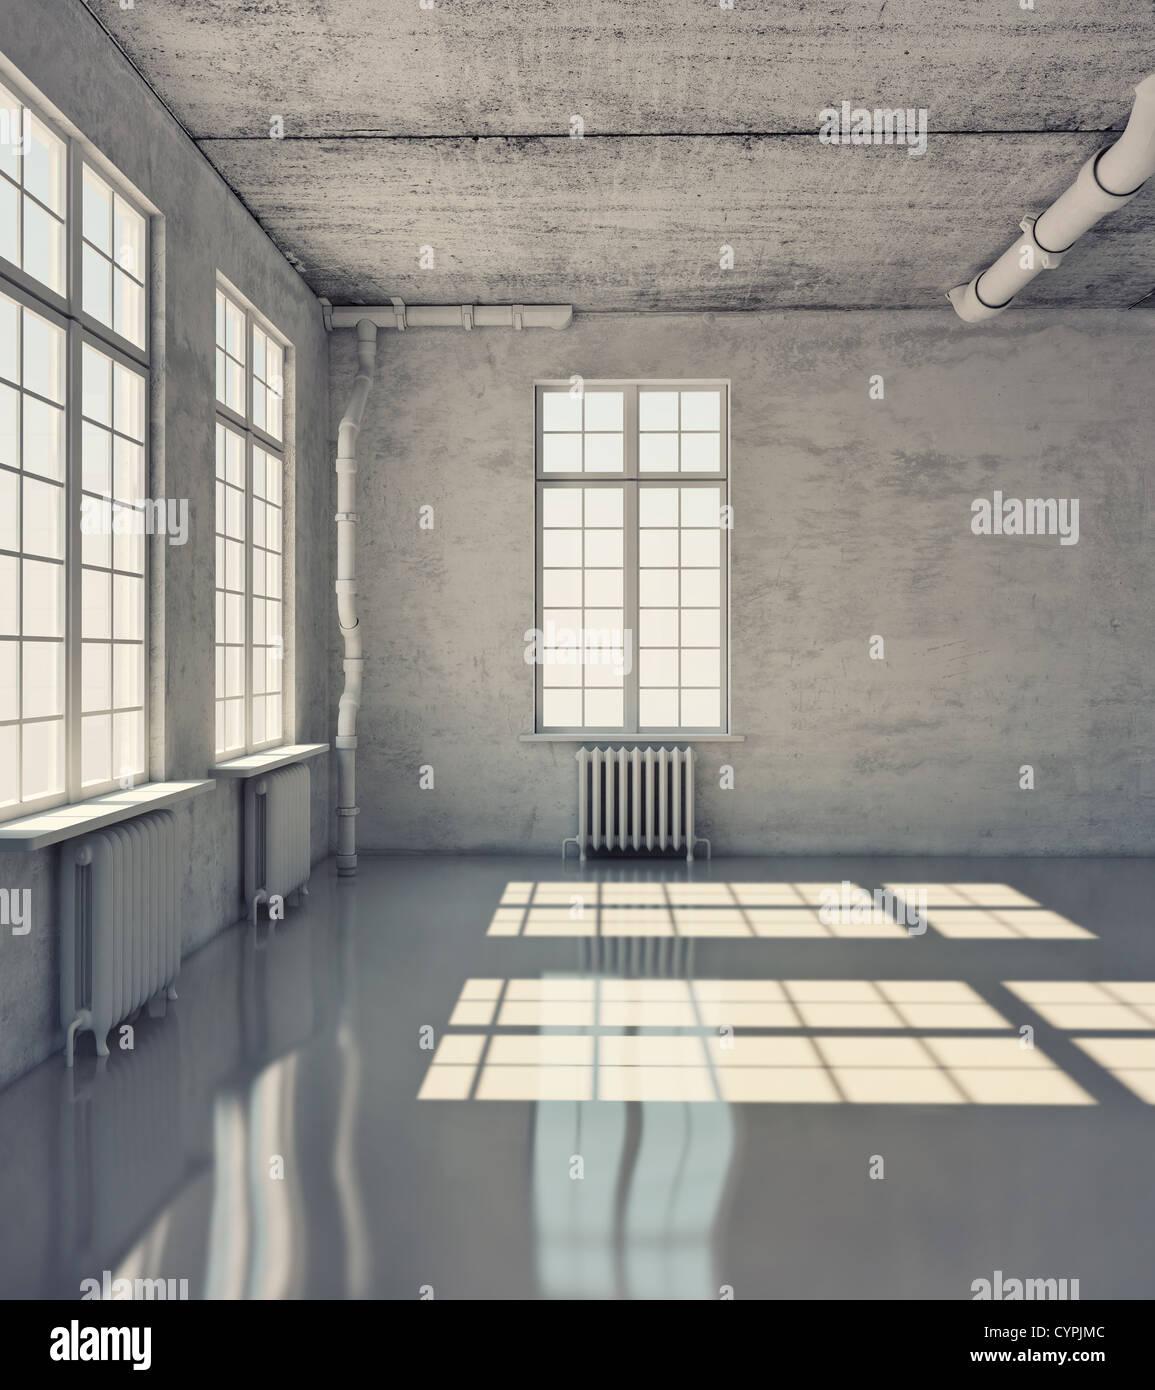 Salle vide avec windows (loft concept) Photo Stock